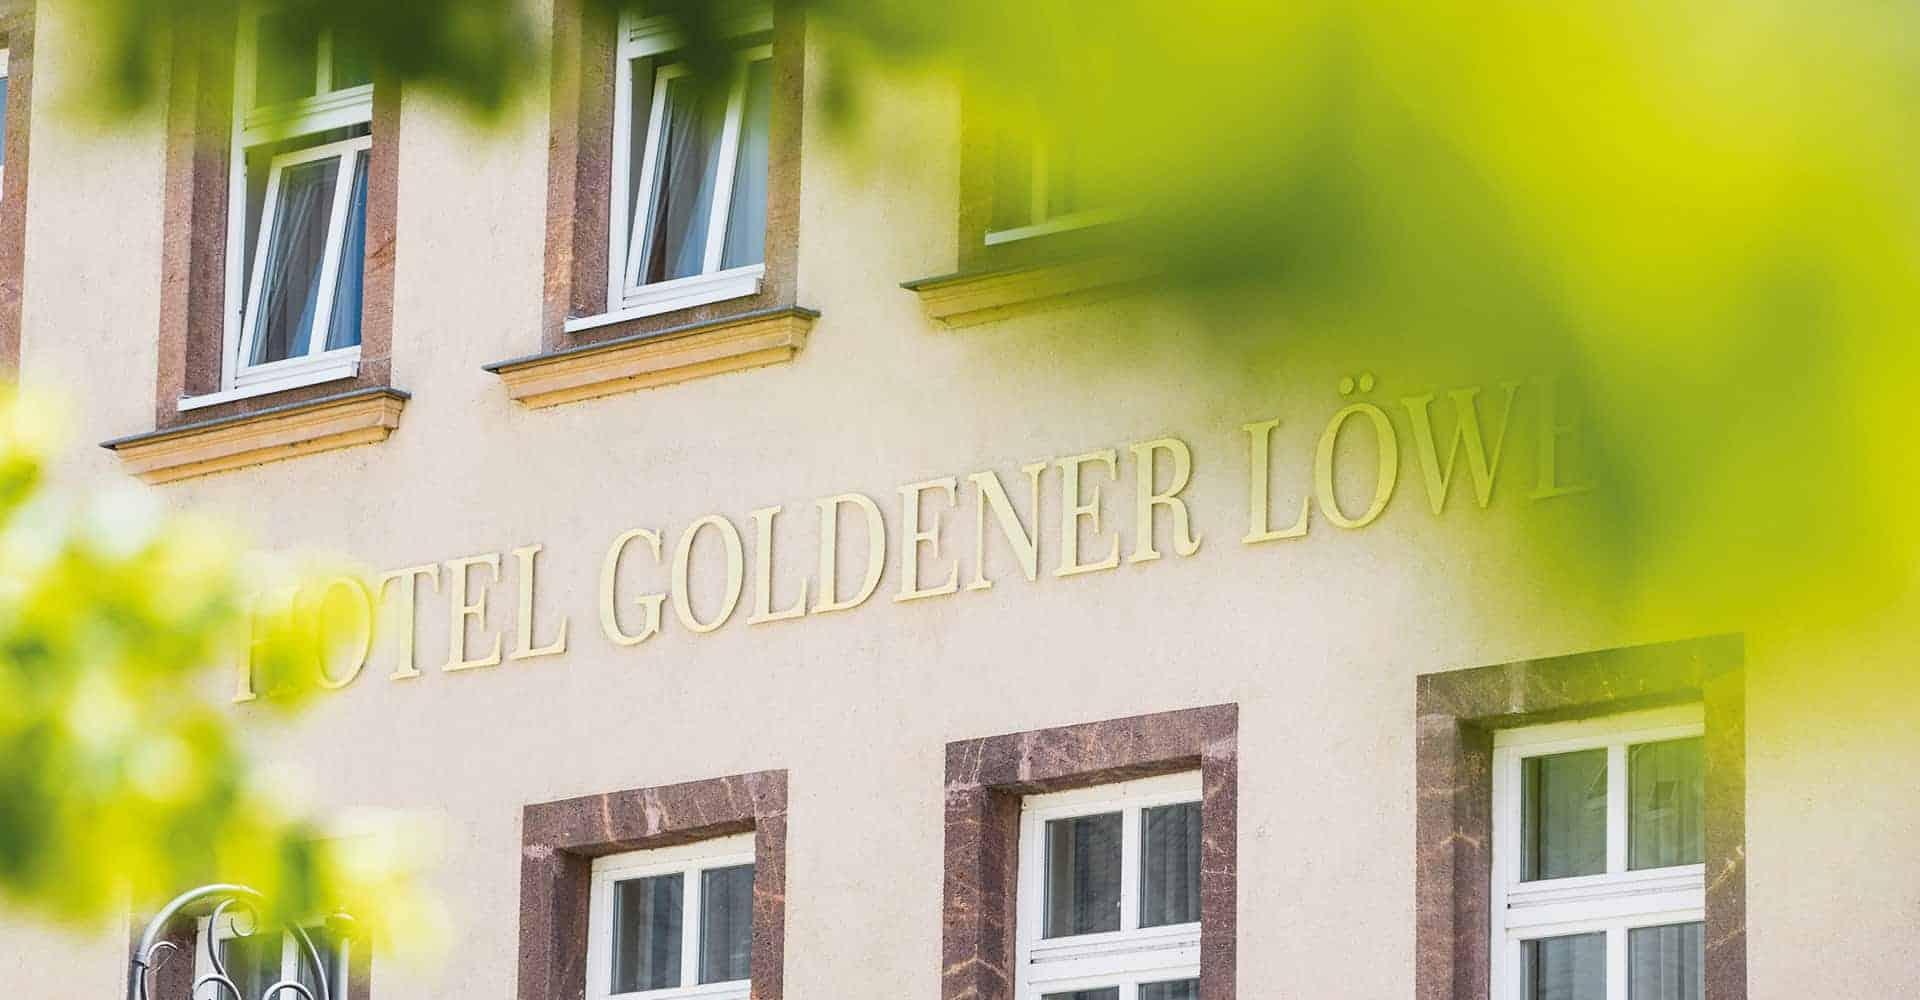 HOTEL GOLDENER LÖWE | INNENAUSBAU HOTEL UND RESTAURANT | Komplette Sanierung der Hotelzimmer, der Flure, des Empfangs und des Restaurants eines 23 Jahre lang brachliegendes Hotels.